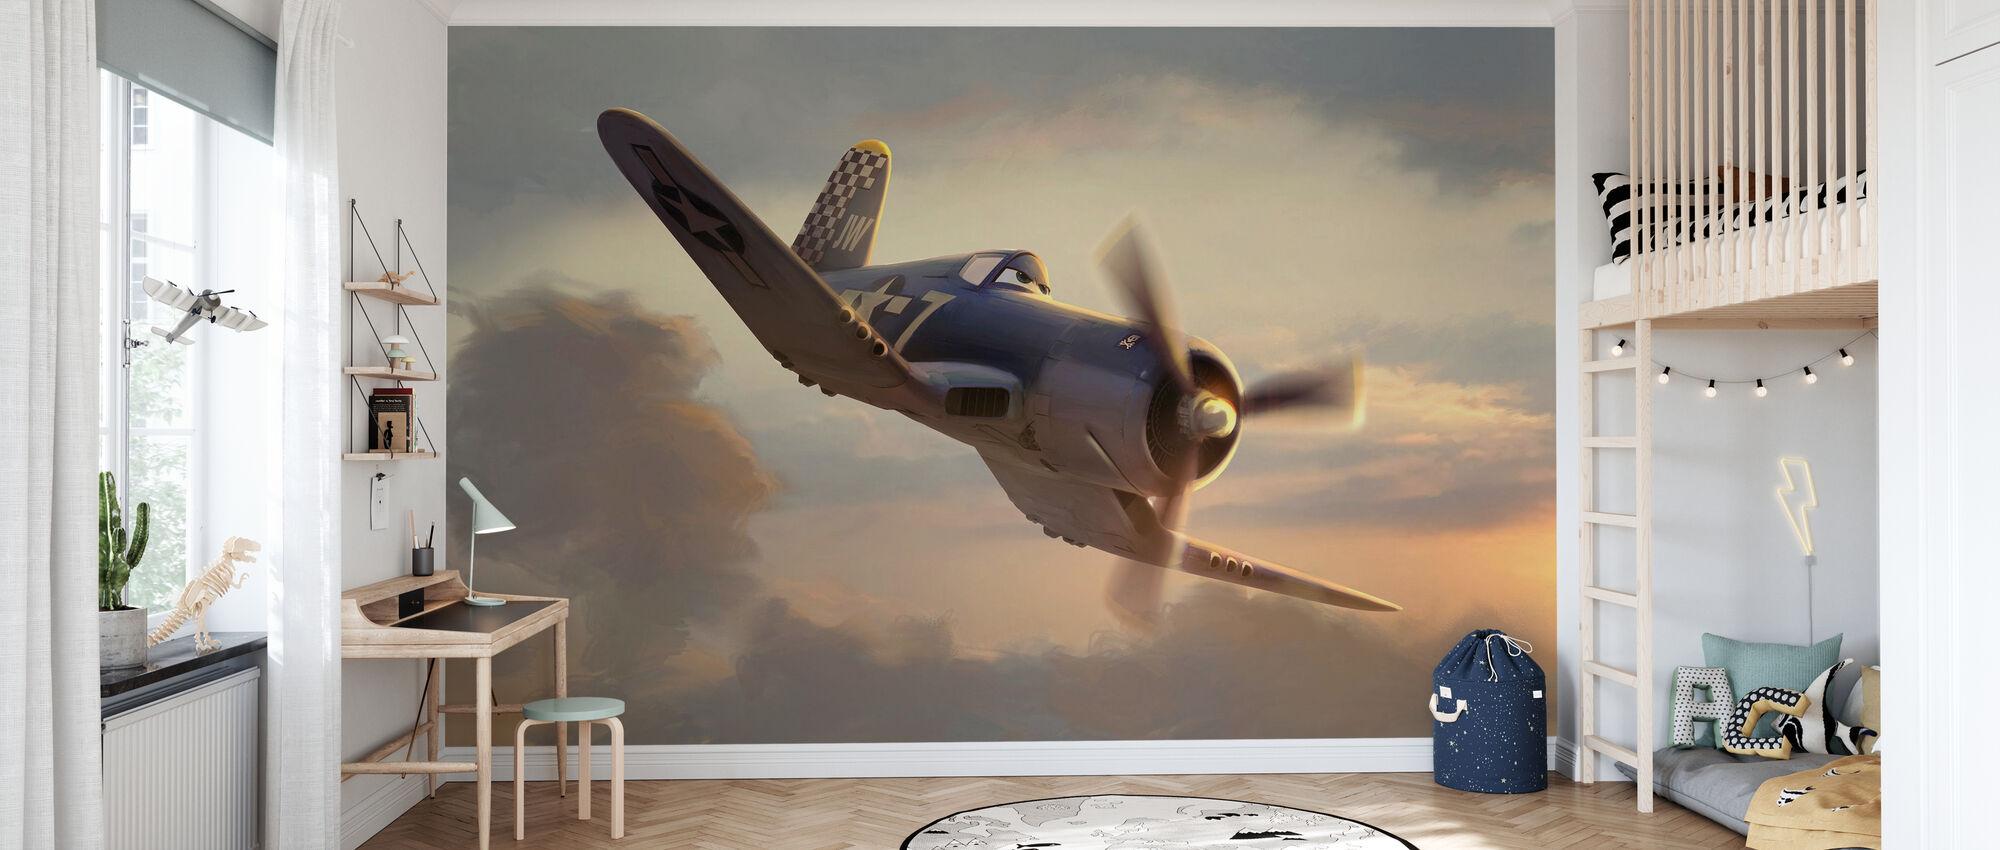 Lentokoneet - Kippari auringonlaskussa - Tapetti - Lastenhuone